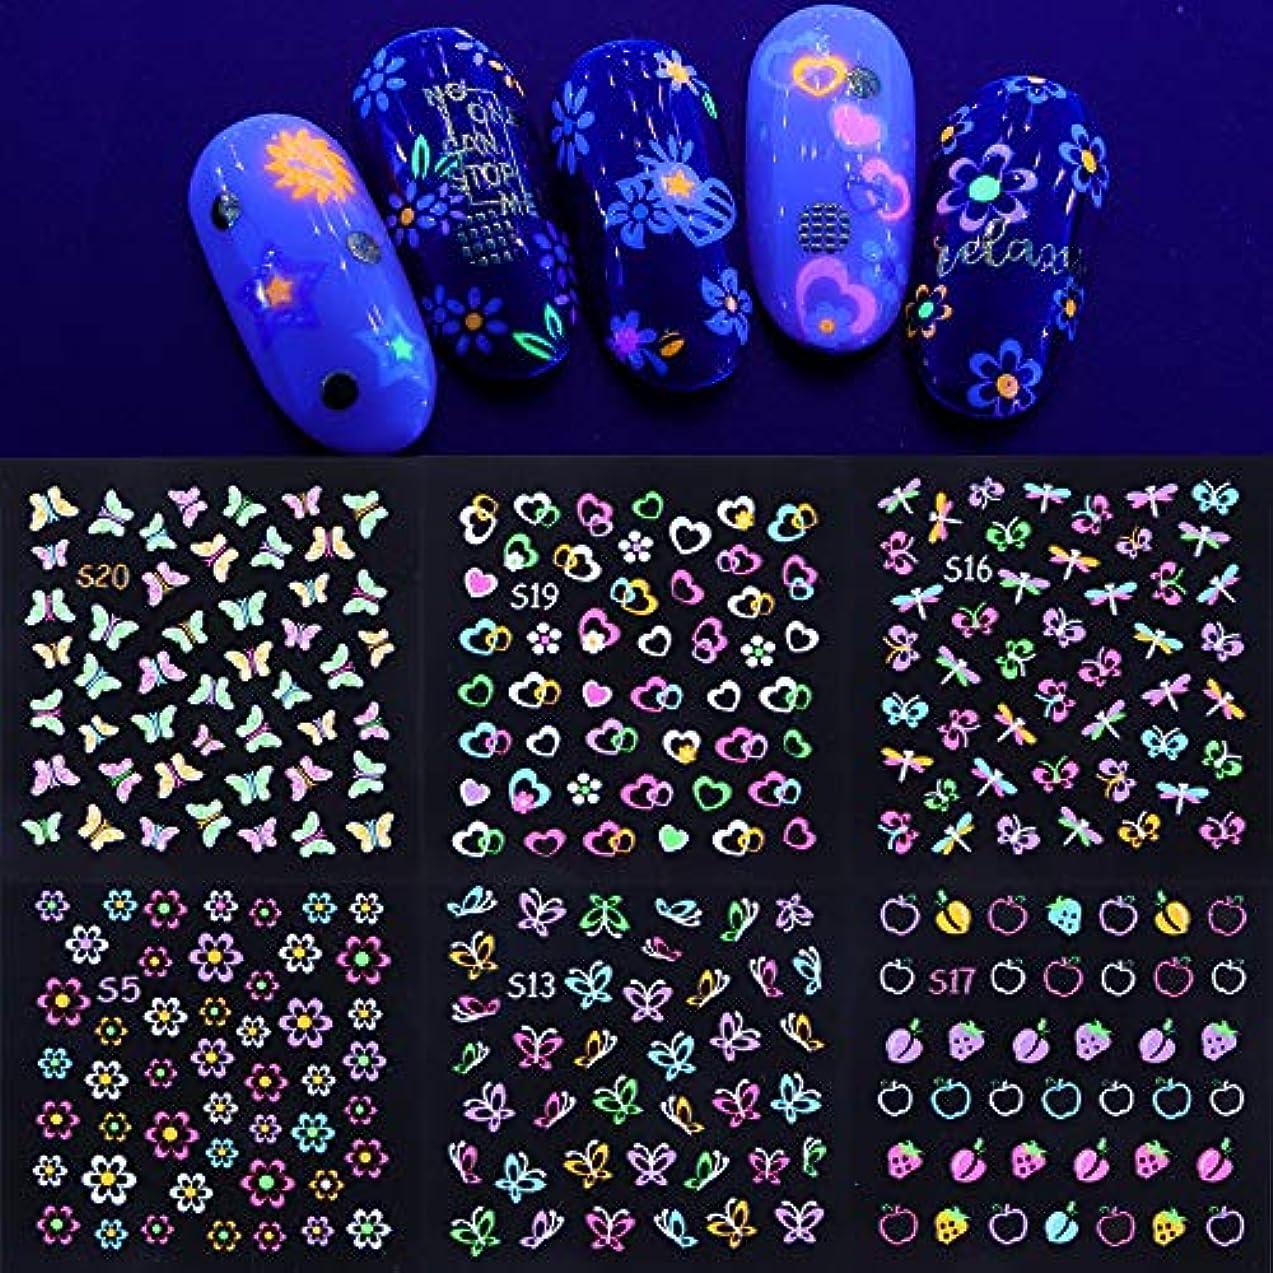 悲観主義者サーフィン血統24デザイン発光シリーズ箔ネイルアートステッカー蝶花3DスライダーデカールネイルシールマニキュアデコレーションセットS1-24